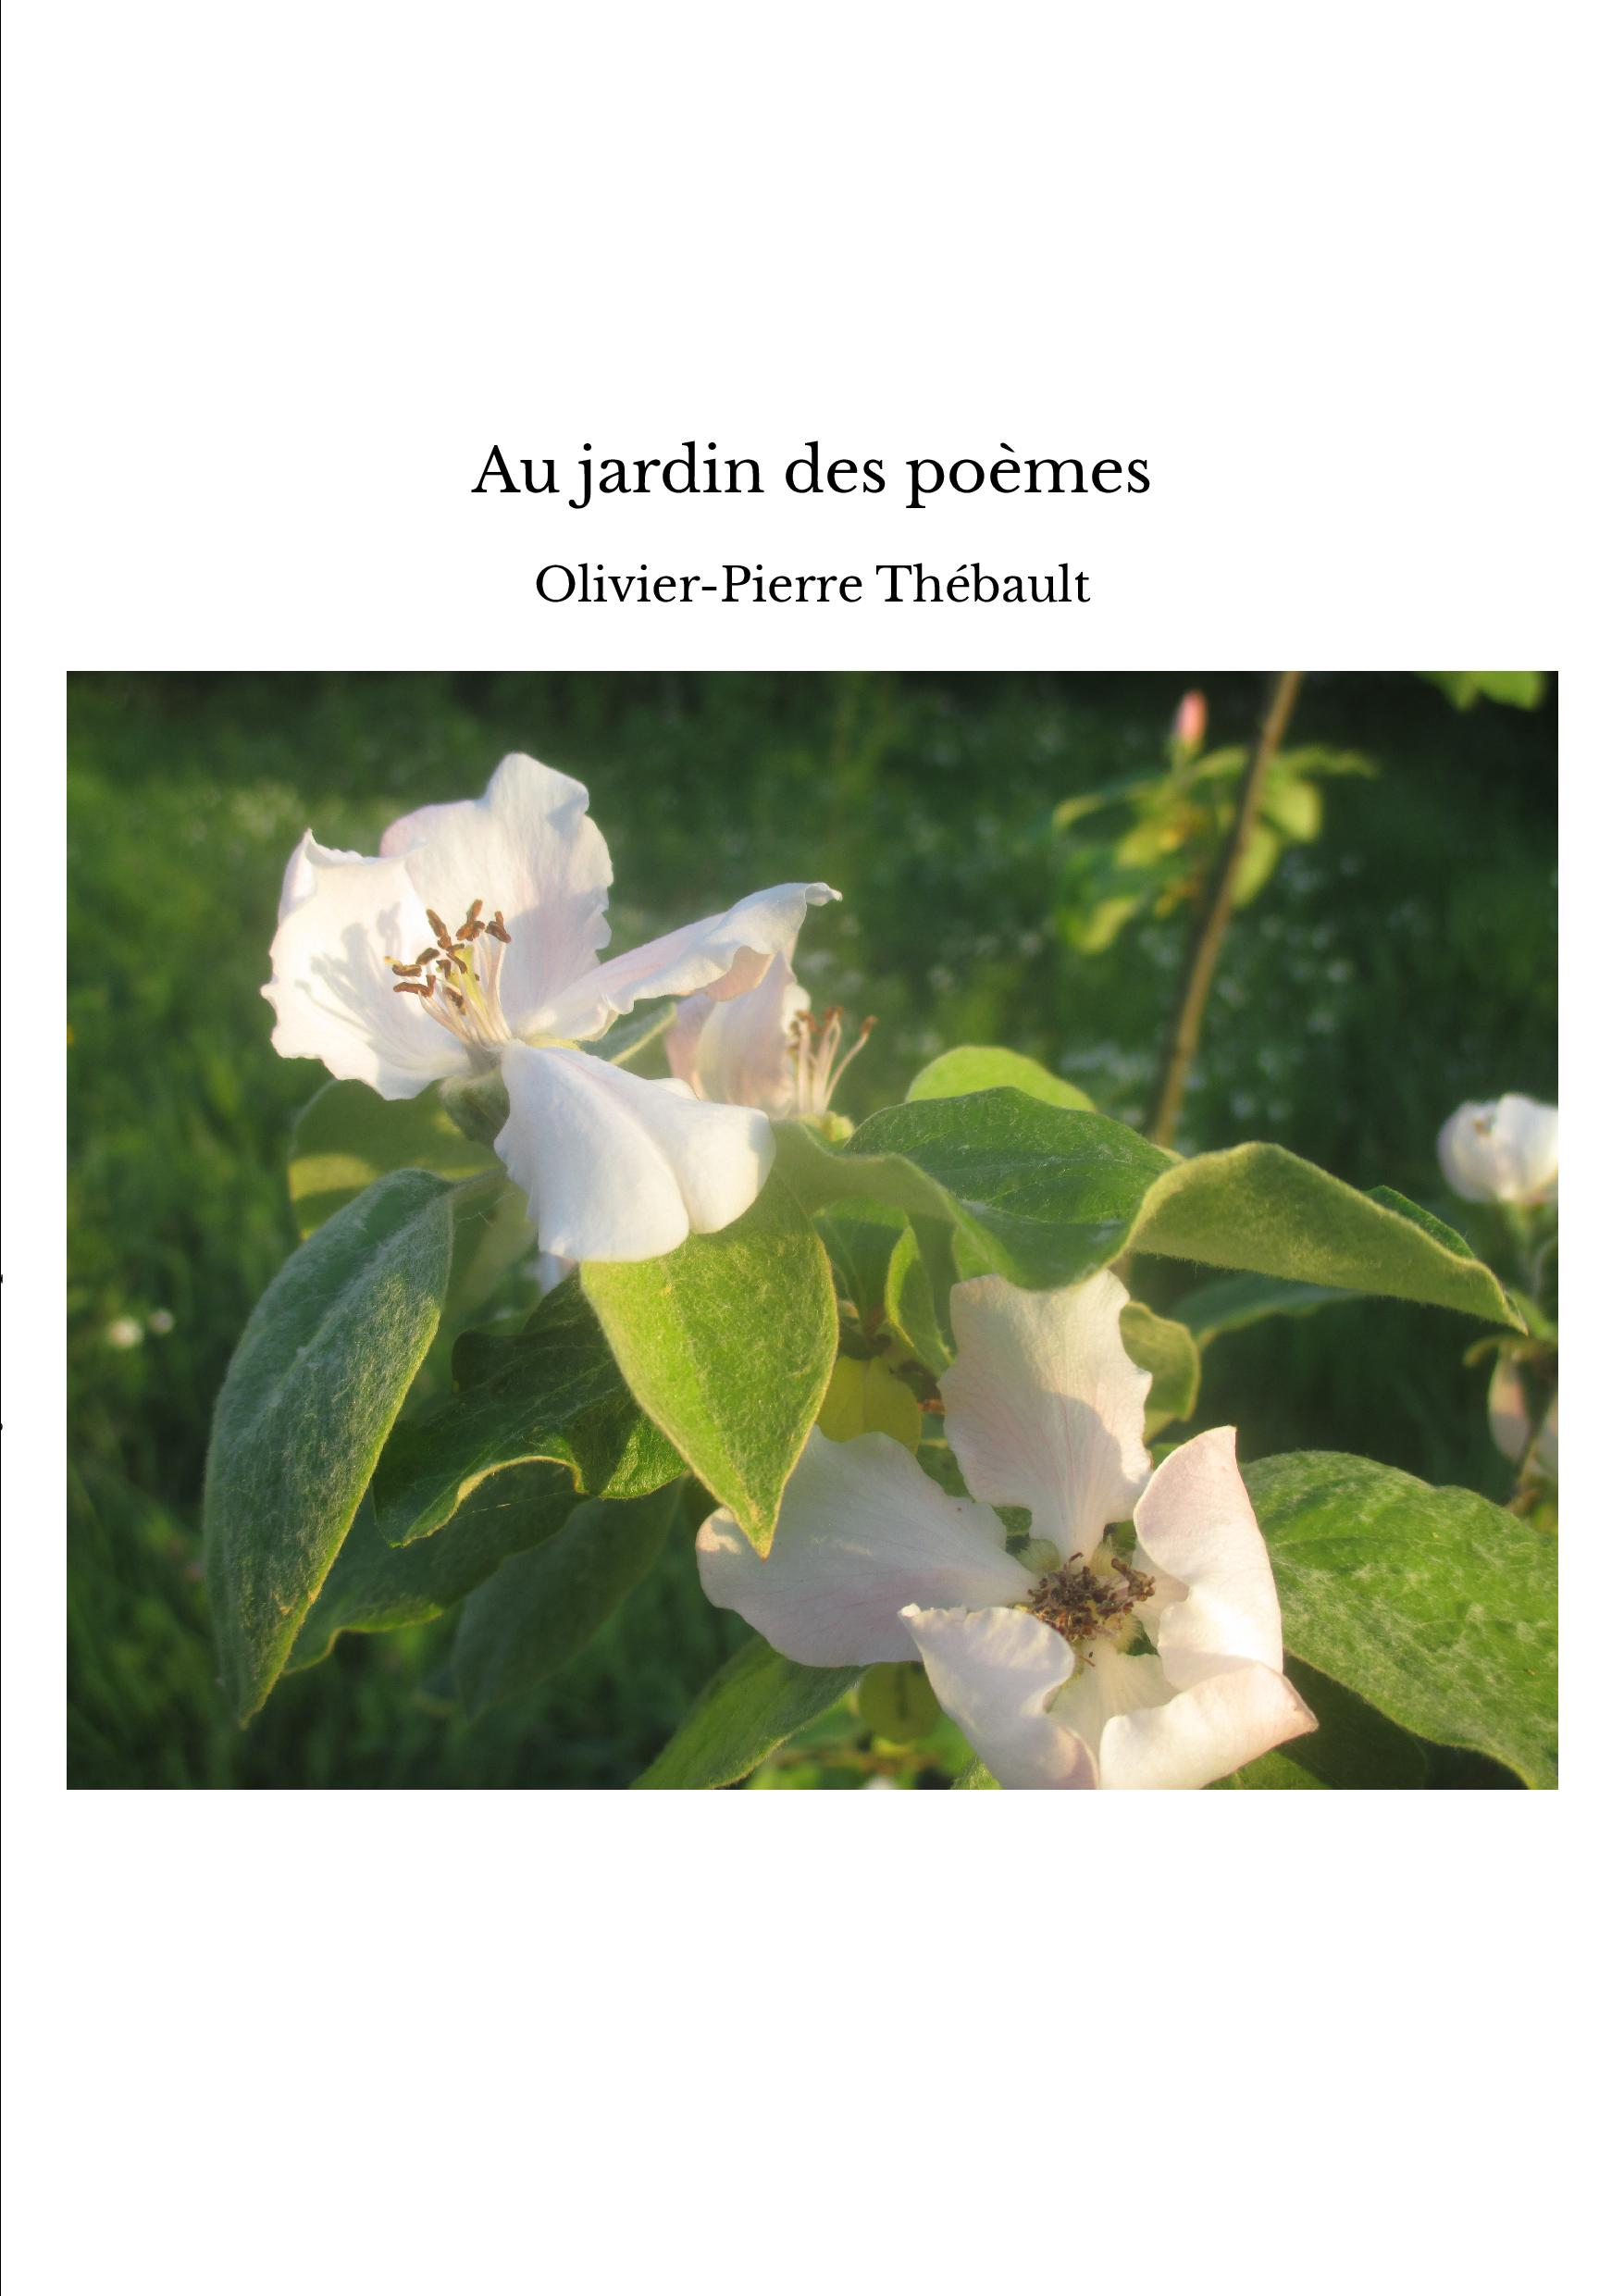 Au jardin des poèmes